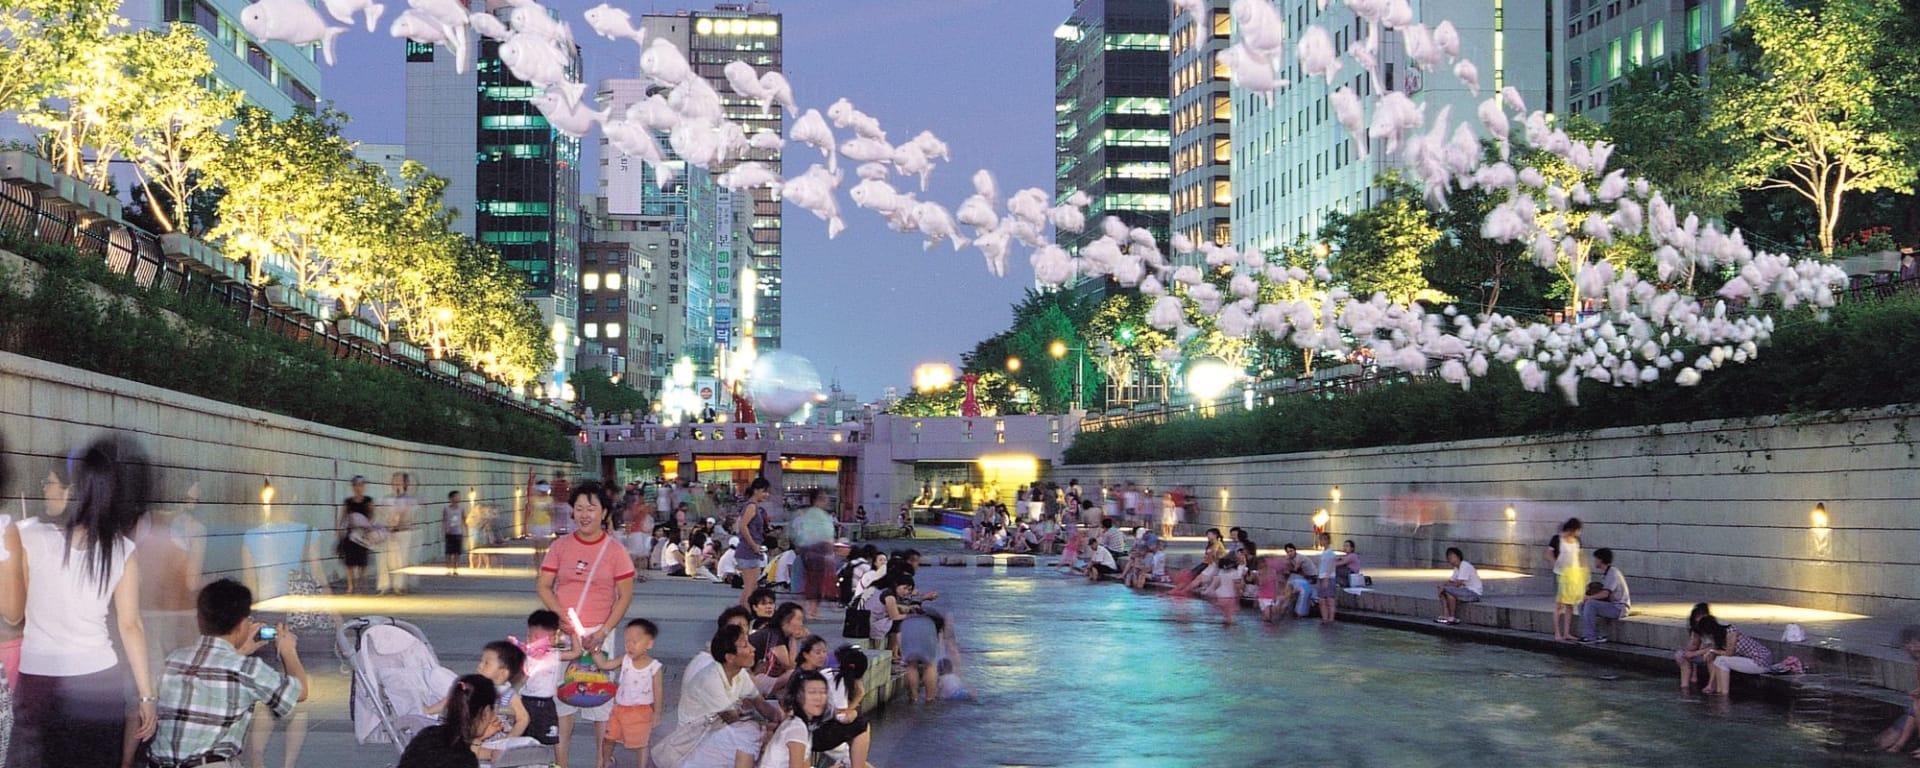 Wissenswertes zu Südkorea Reisen und Ferien: Seoul Cheonggyecheon